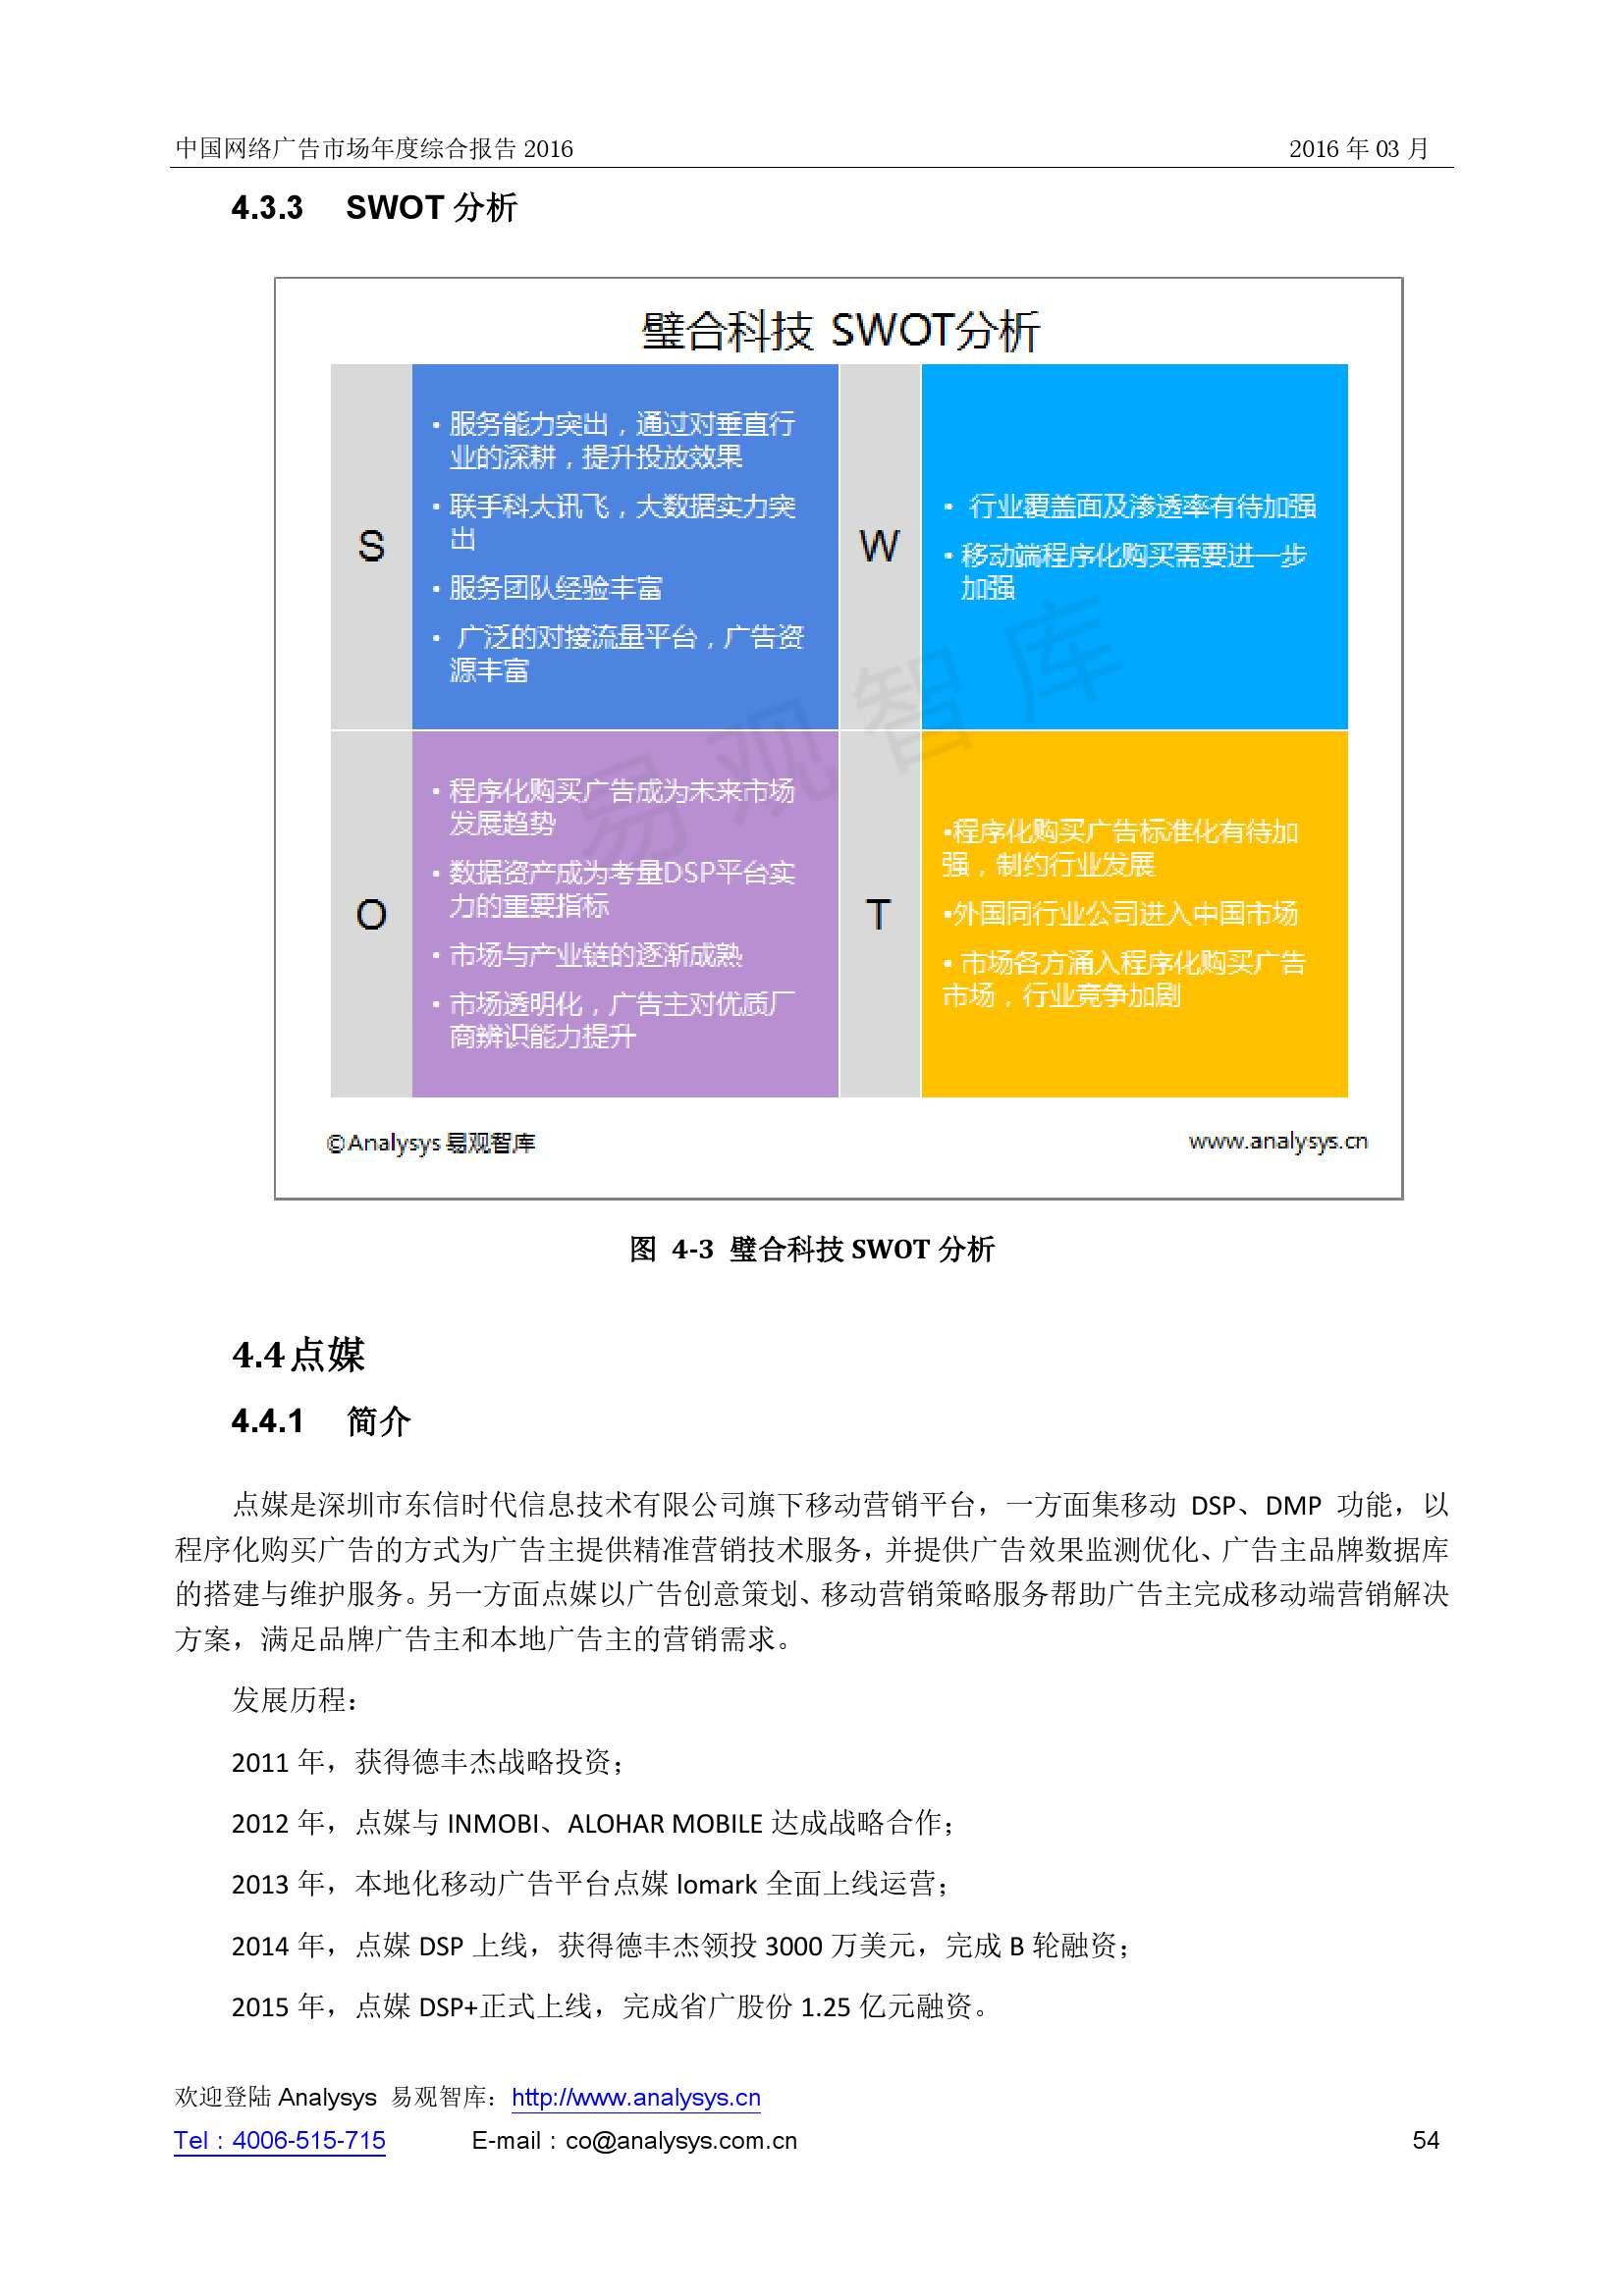 中国网络广告市场年度综合报告2016_000054